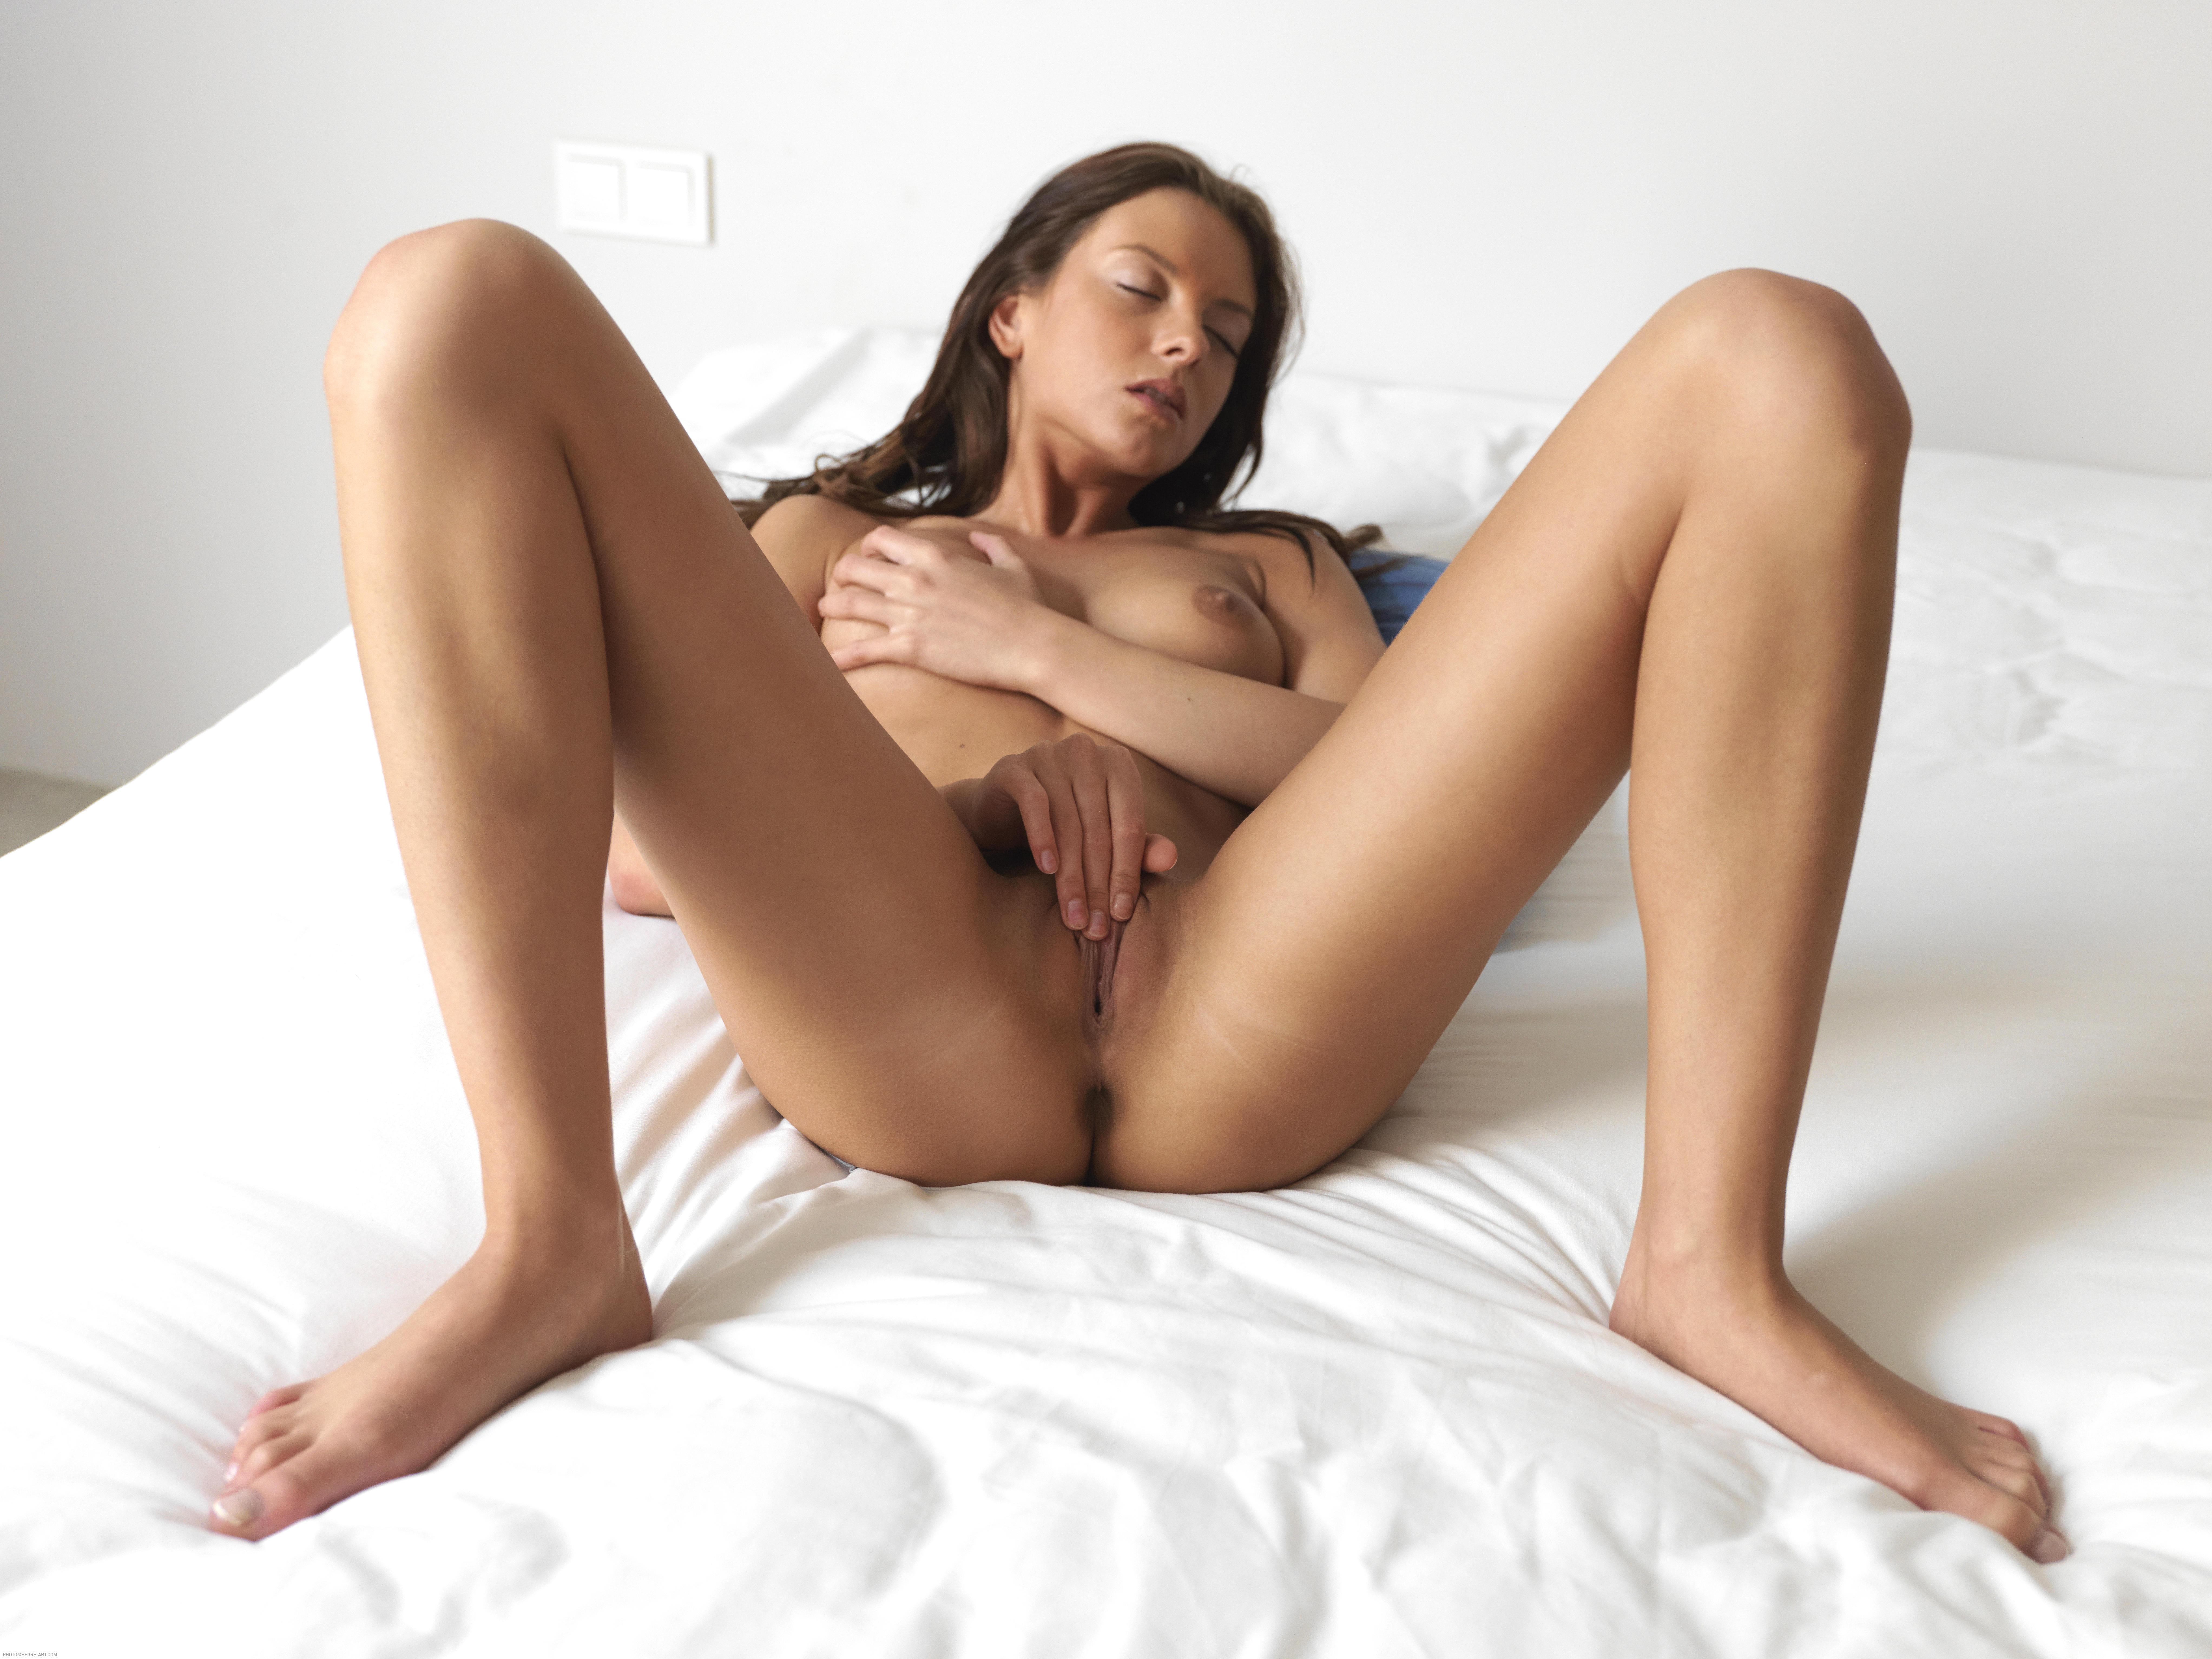 imageporter imagesize naked 2 pimpandhost lsv 0 0 1 kumpulan berbagai gambar memek gmo